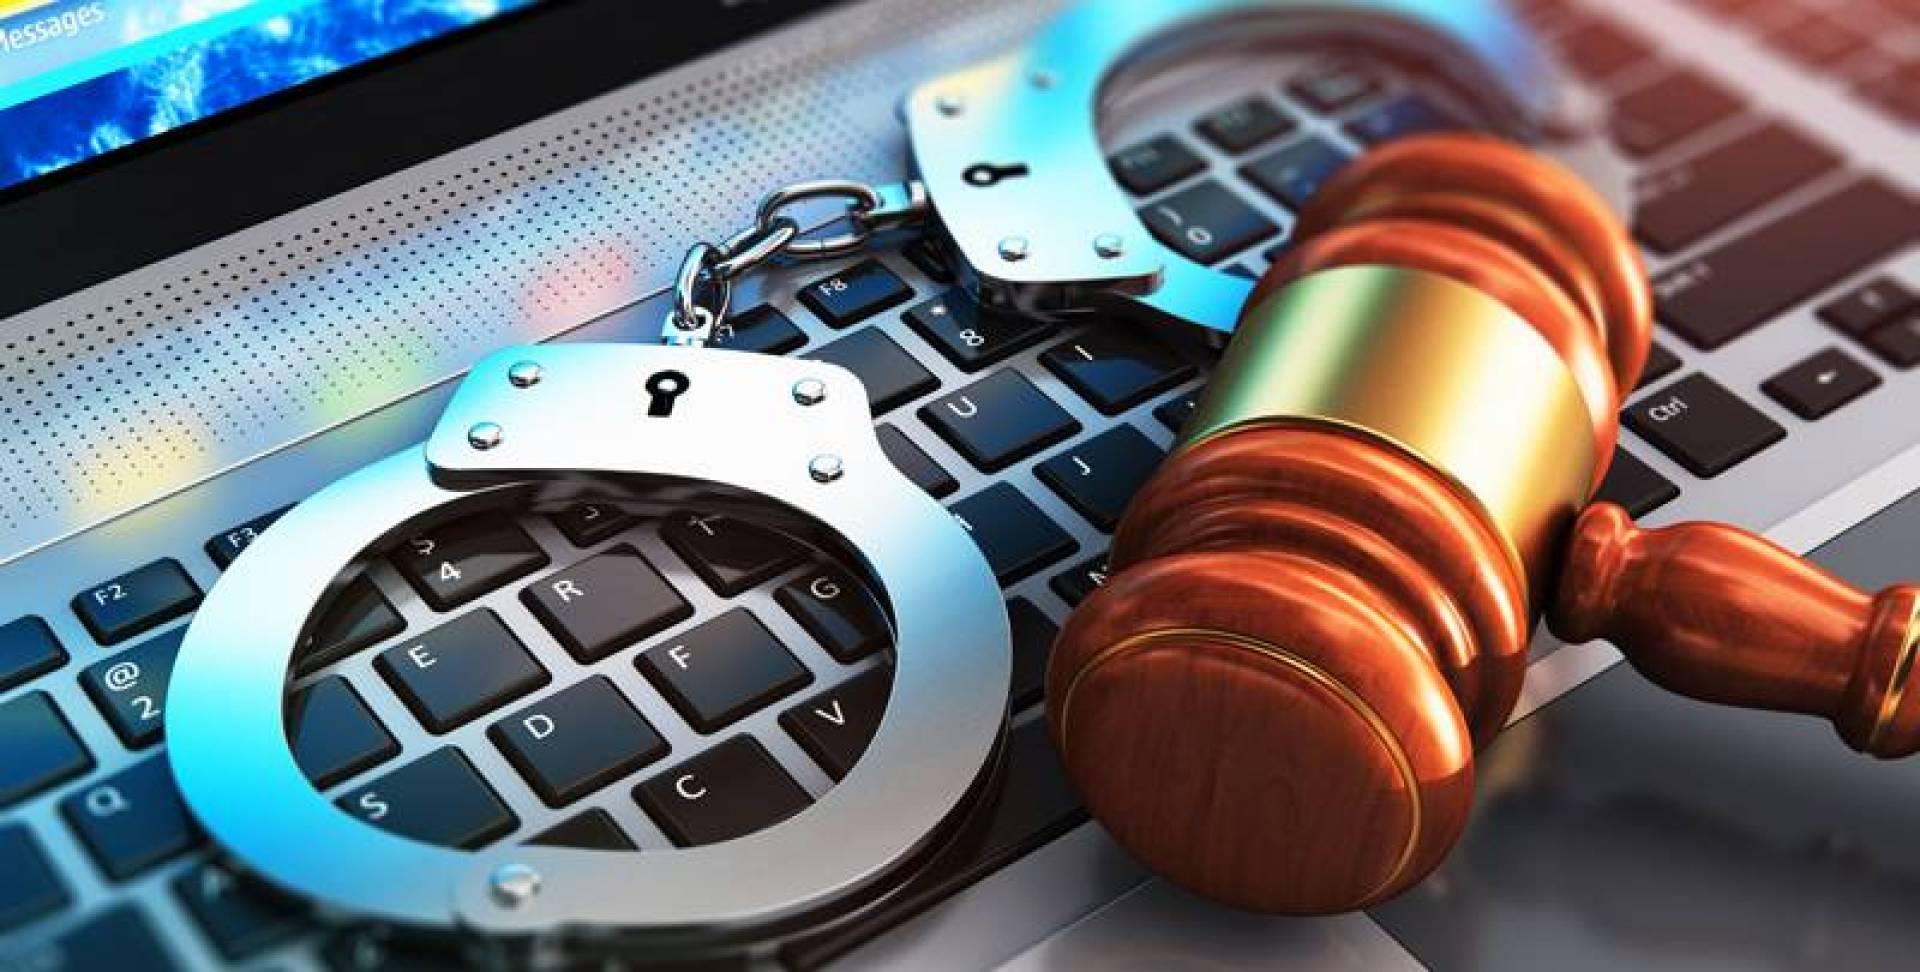 تسجيل 7 قضايا جرائم إلكترونية يومياً